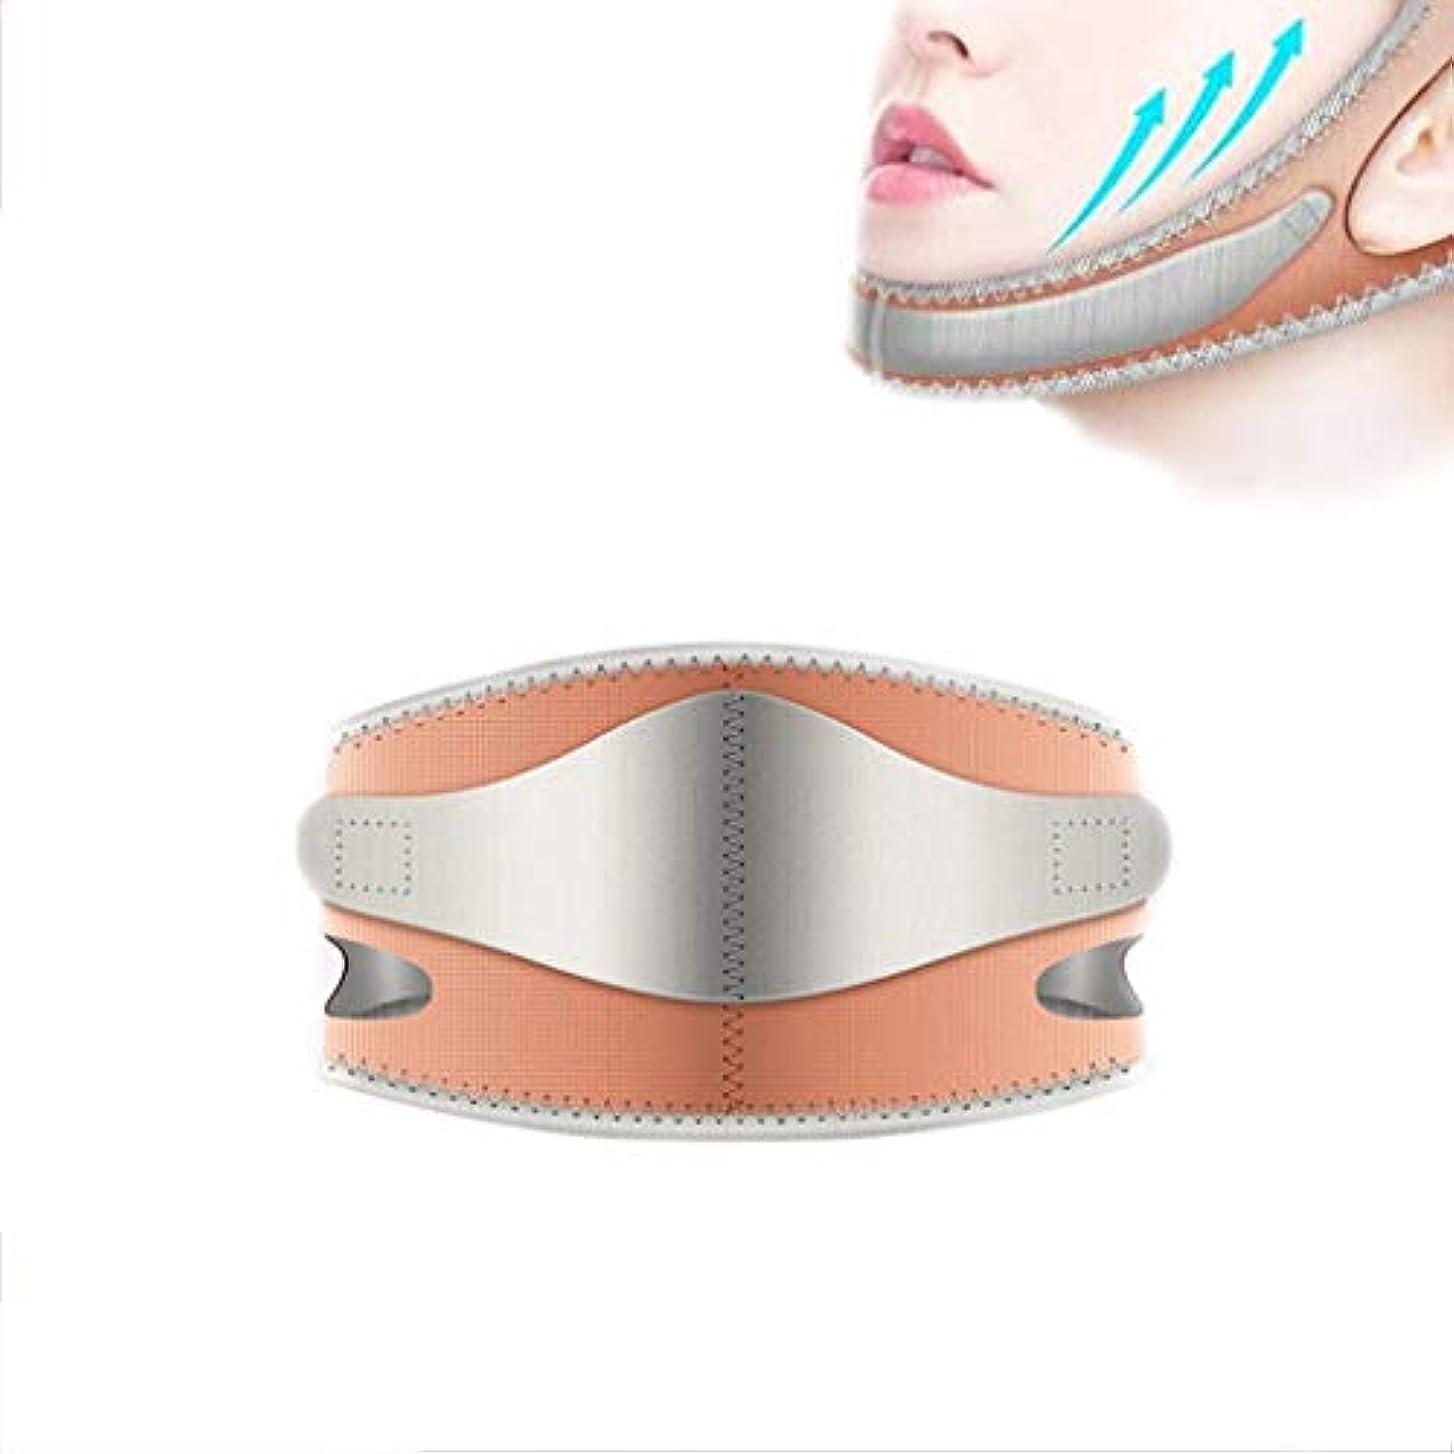 拳南アメリカ硬さフェイススリミング包帯、フェイスリフトマスク、フェイスリフティング、チンリフティングアンチシワ、フェイスシェイピングベルト(ワンサイズ、ゴールデンイエロー)